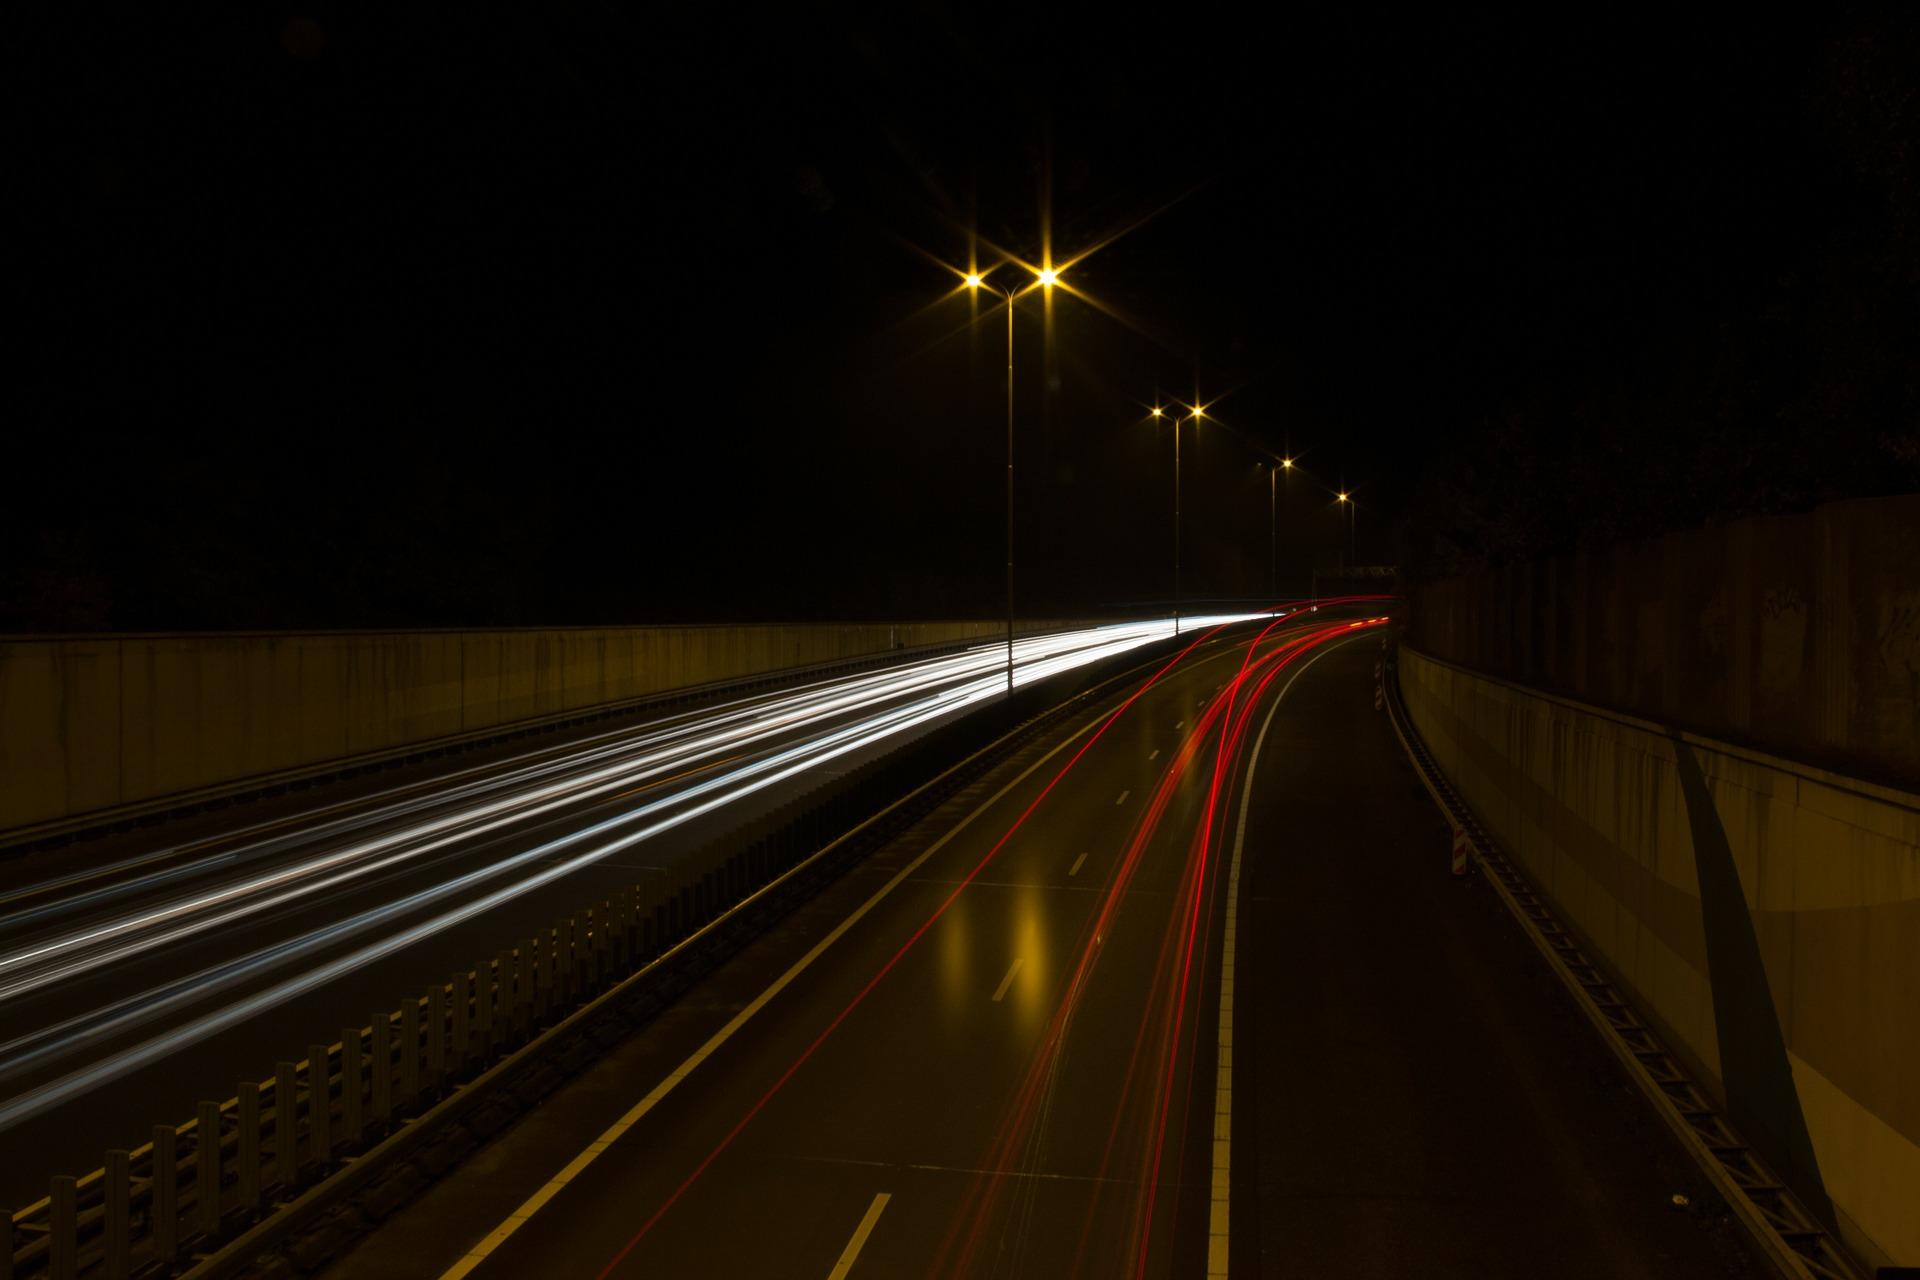 Veículo com licenciamento atrasado pode ser apreendido